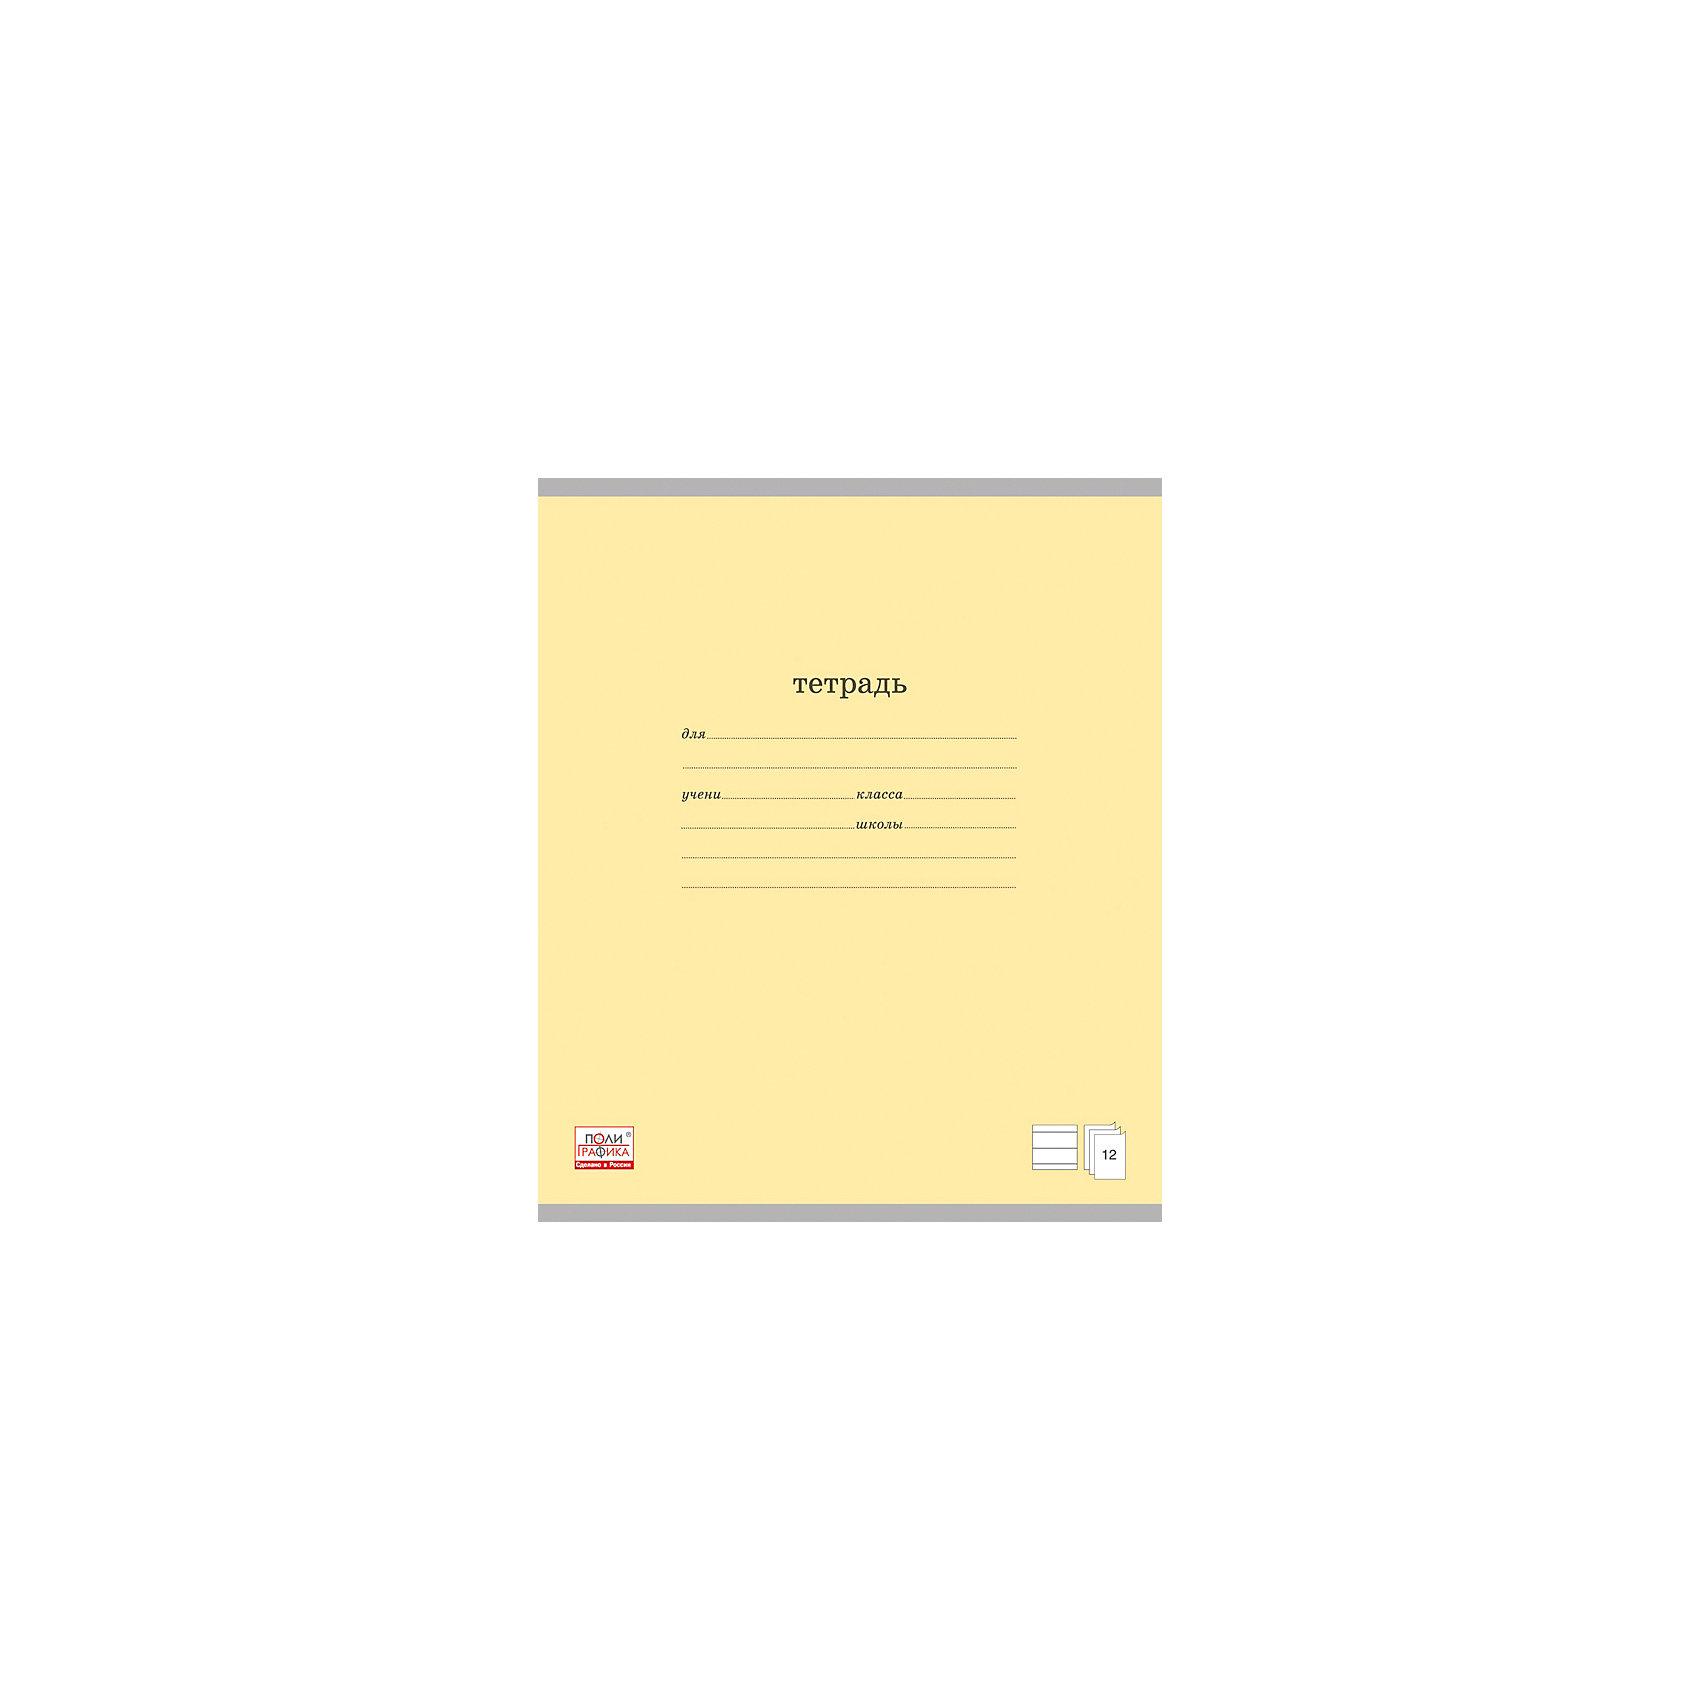 Тетрадь 12 листов, цвет желтый, упаковка из 10 шт.Бумажная продукция<br>Тетрадь ученическая,12л Классика (желтый), упаковка из 10 шт.<br><br>Ширина мм: 170<br>Глубина мм: 20<br>Высота мм: 205<br>Вес г: 349<br>Возраст от месяцев: 60<br>Возраст до месяцев: 204<br>Пол: Унисекс<br>Возраст: Детский<br>SKU: 5540078